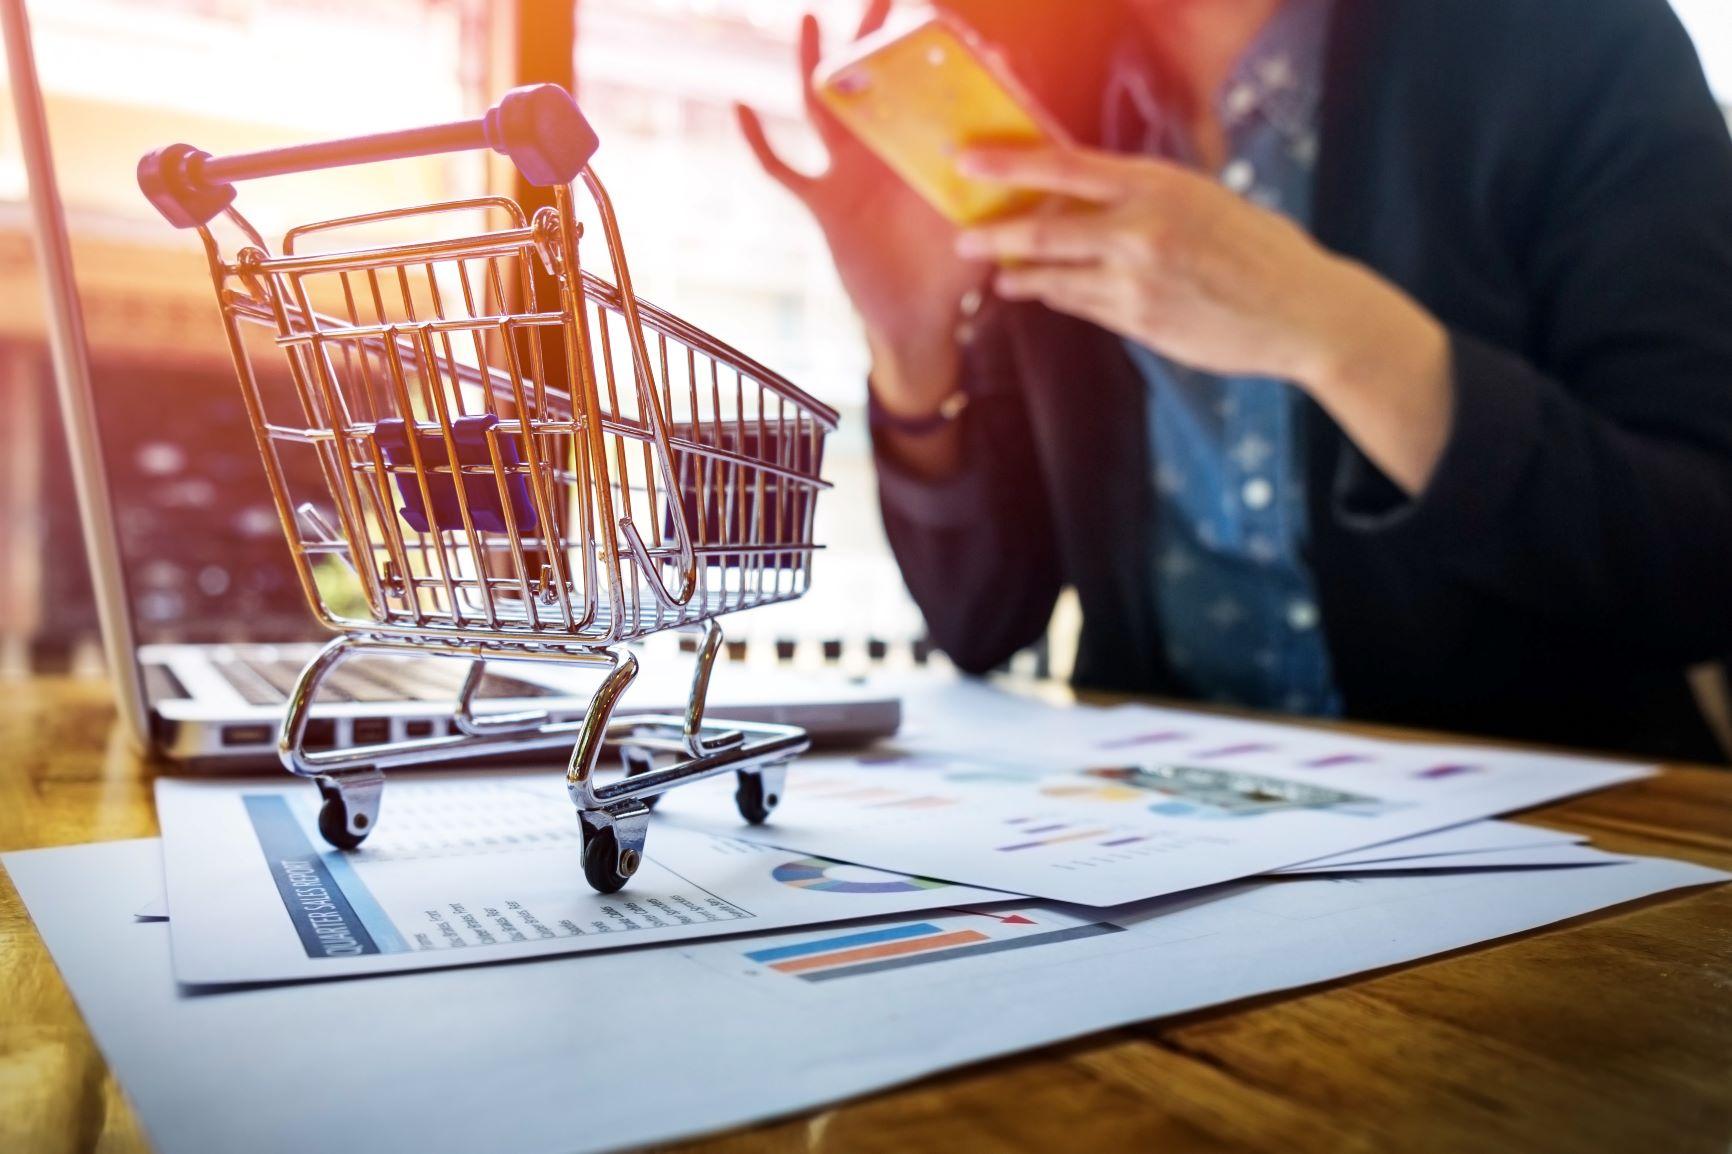 ¿Cómo mejorar la seguridad de una tienda online?